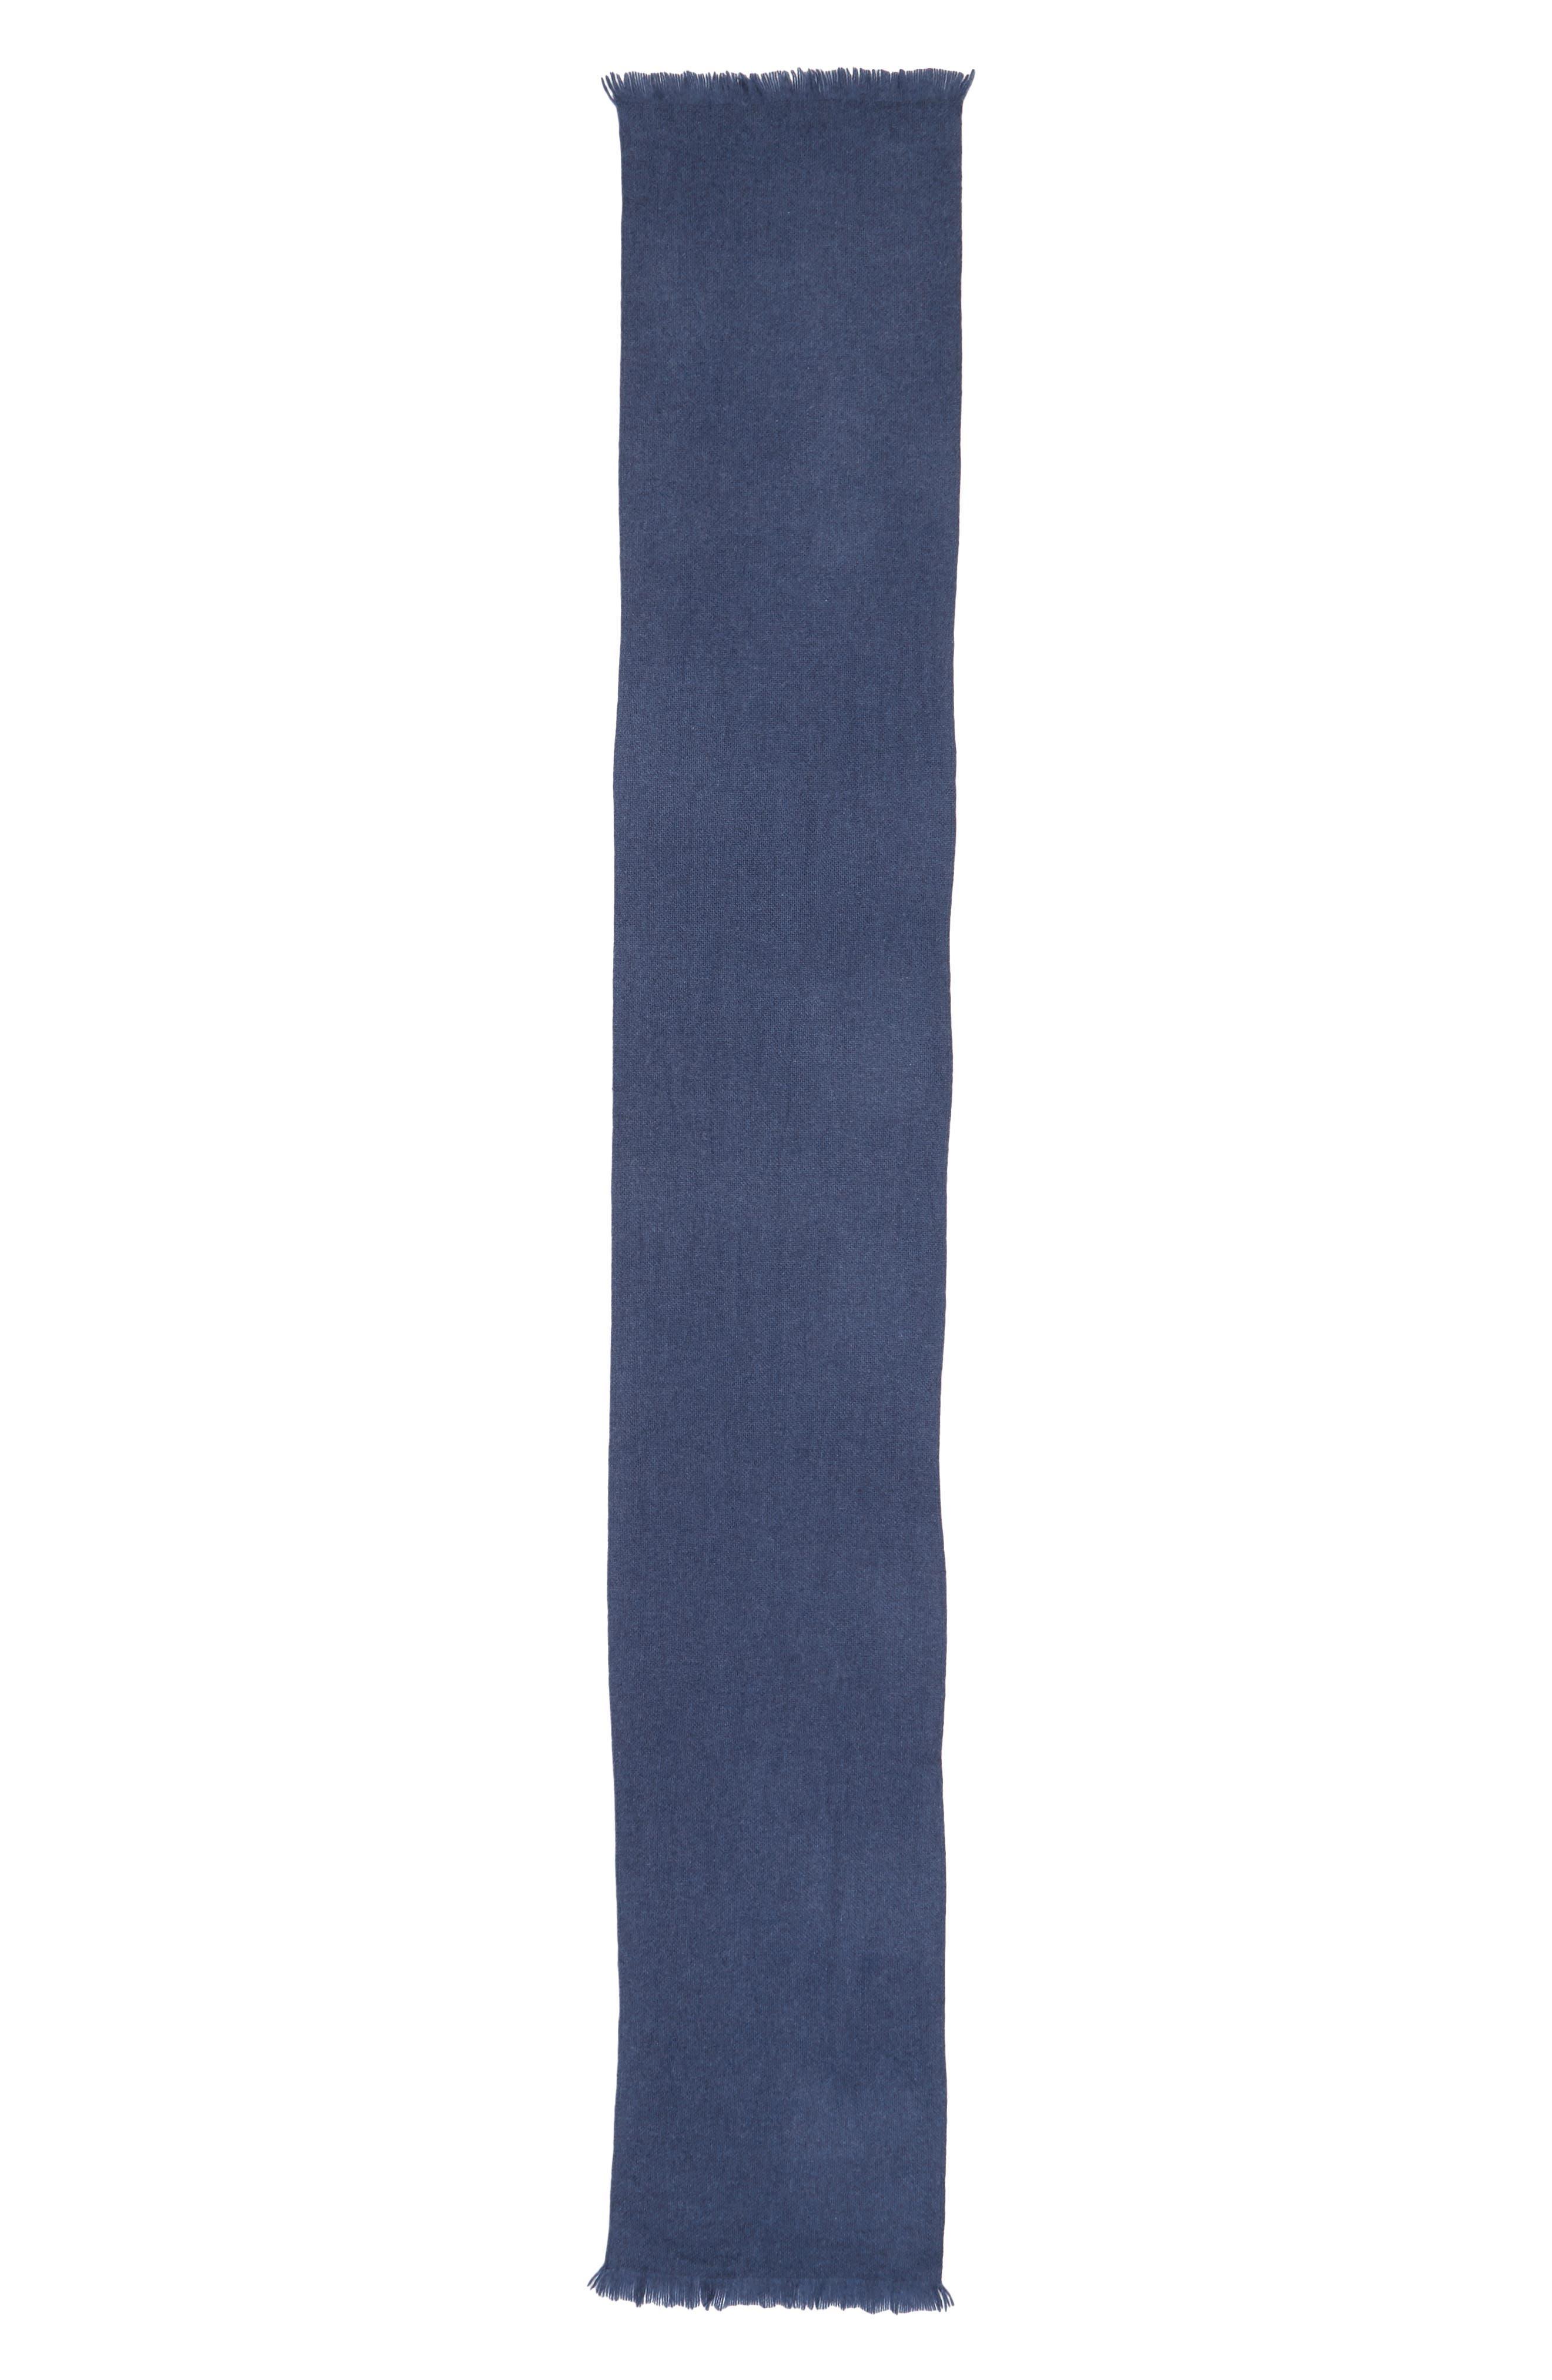 Alternate Image 2  - Nordstrom Men's Shop Solid Cashmere Scarf